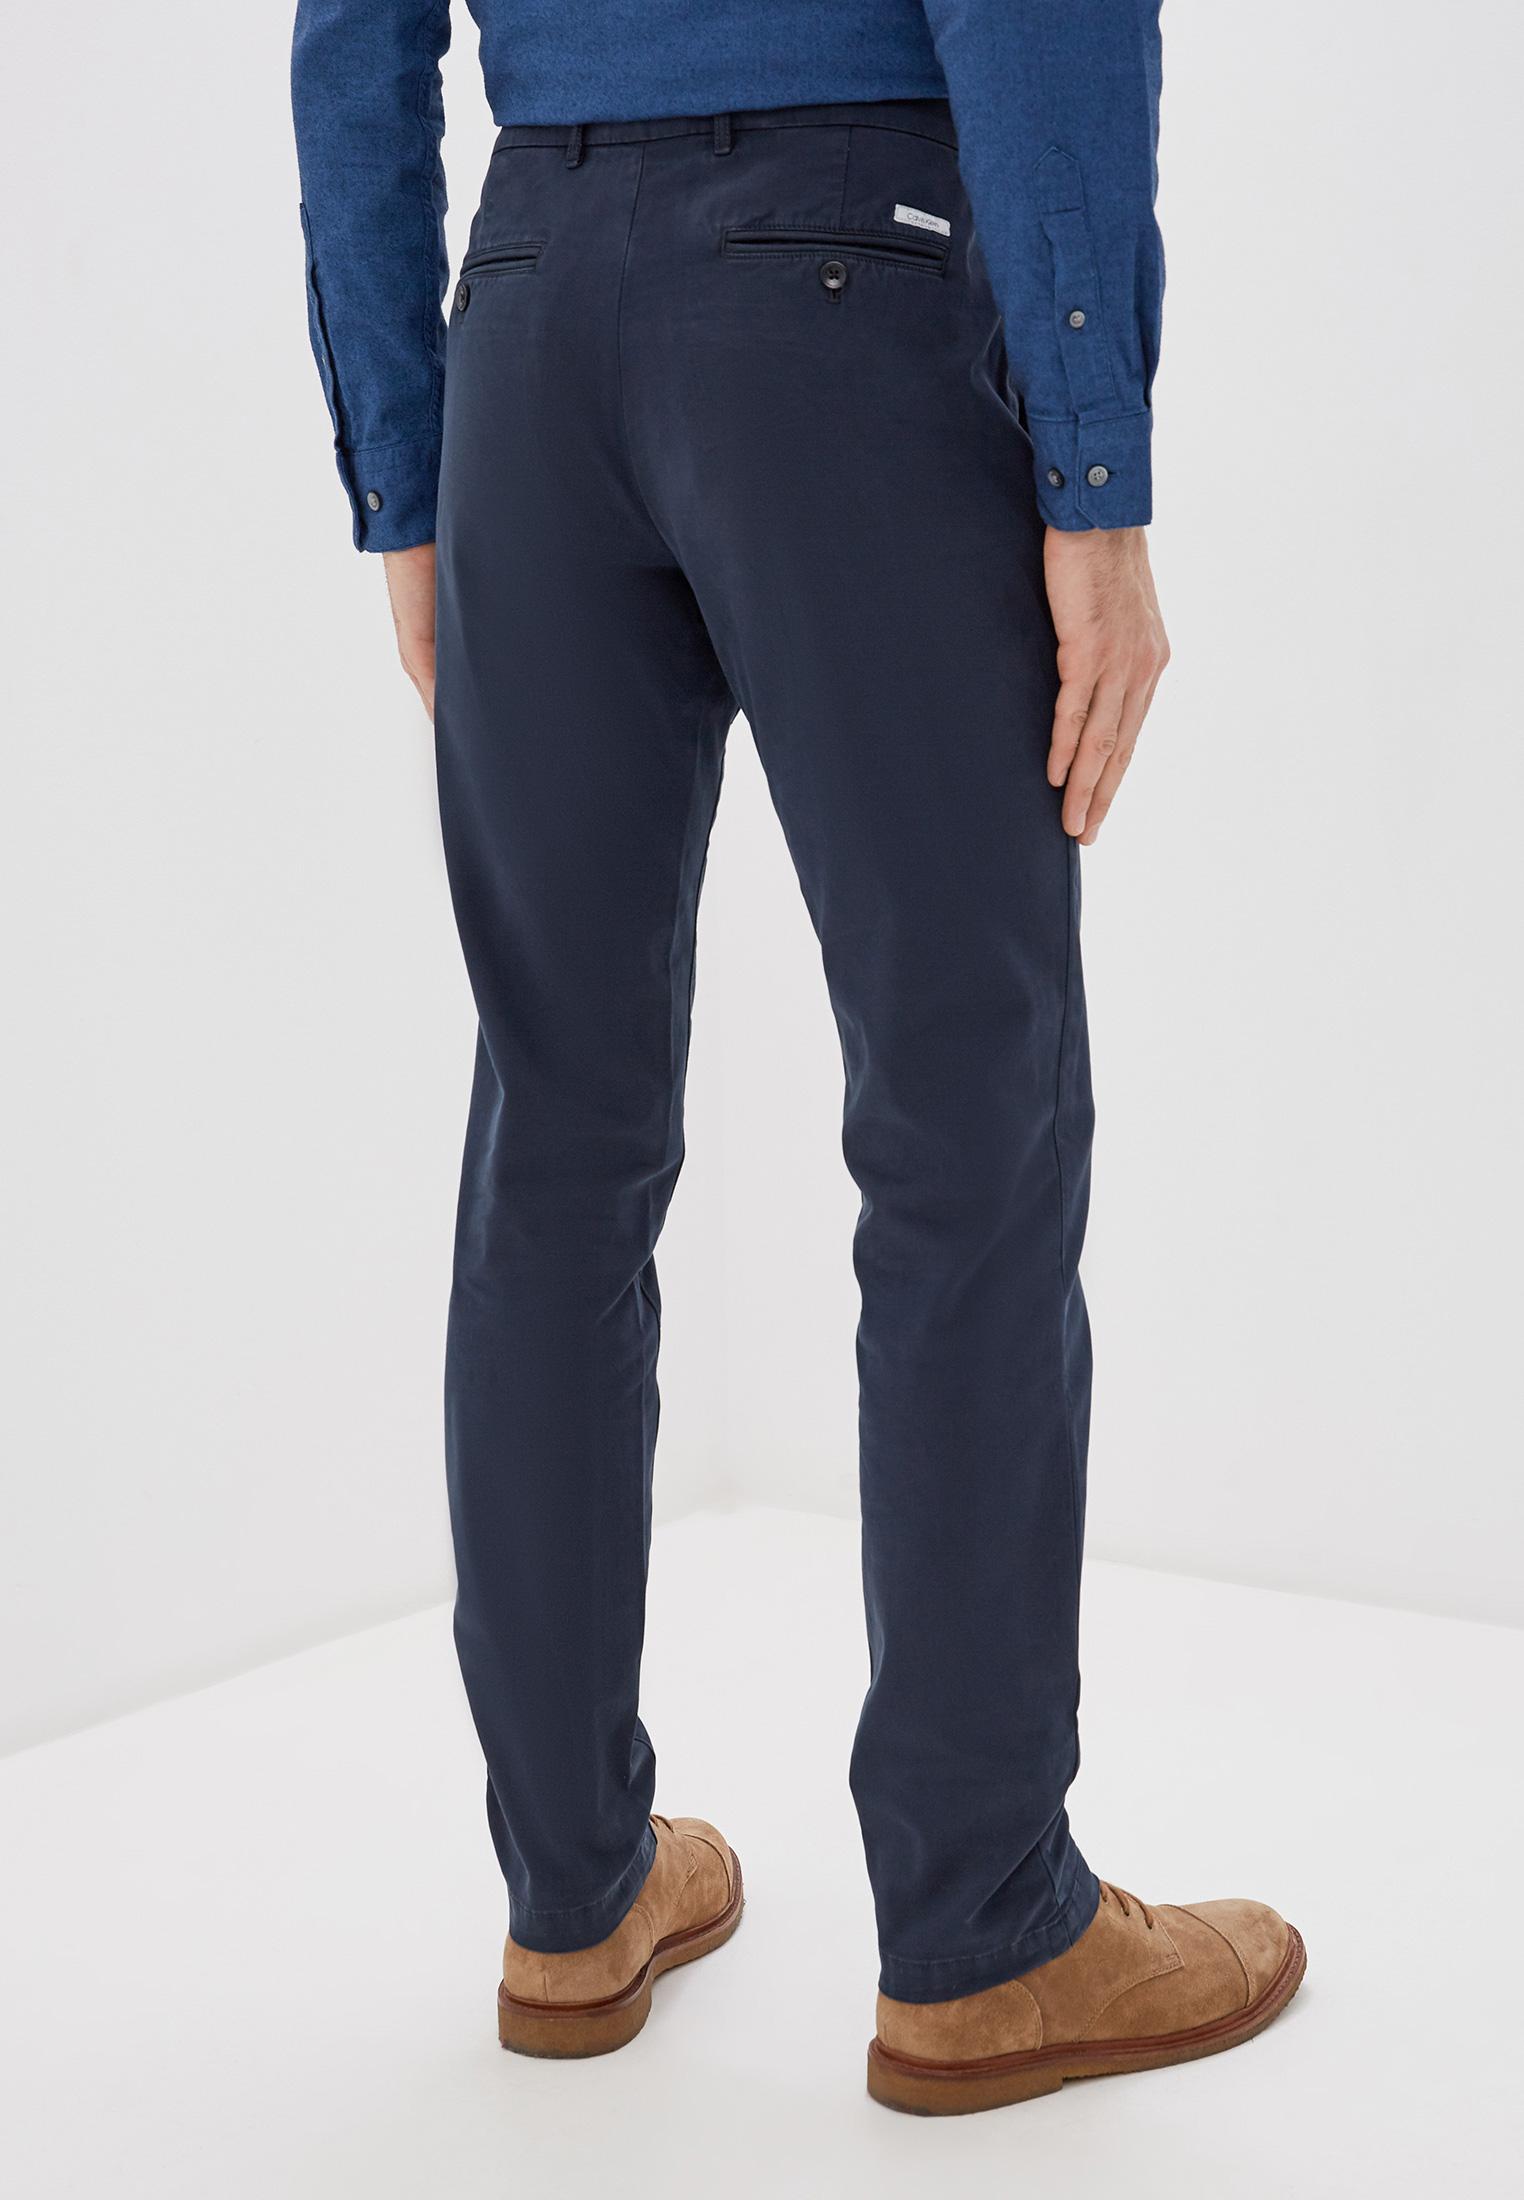 Мужские повседневные брюки Calvin Klein (Кельвин Кляйн) k10k104974: изображение 3